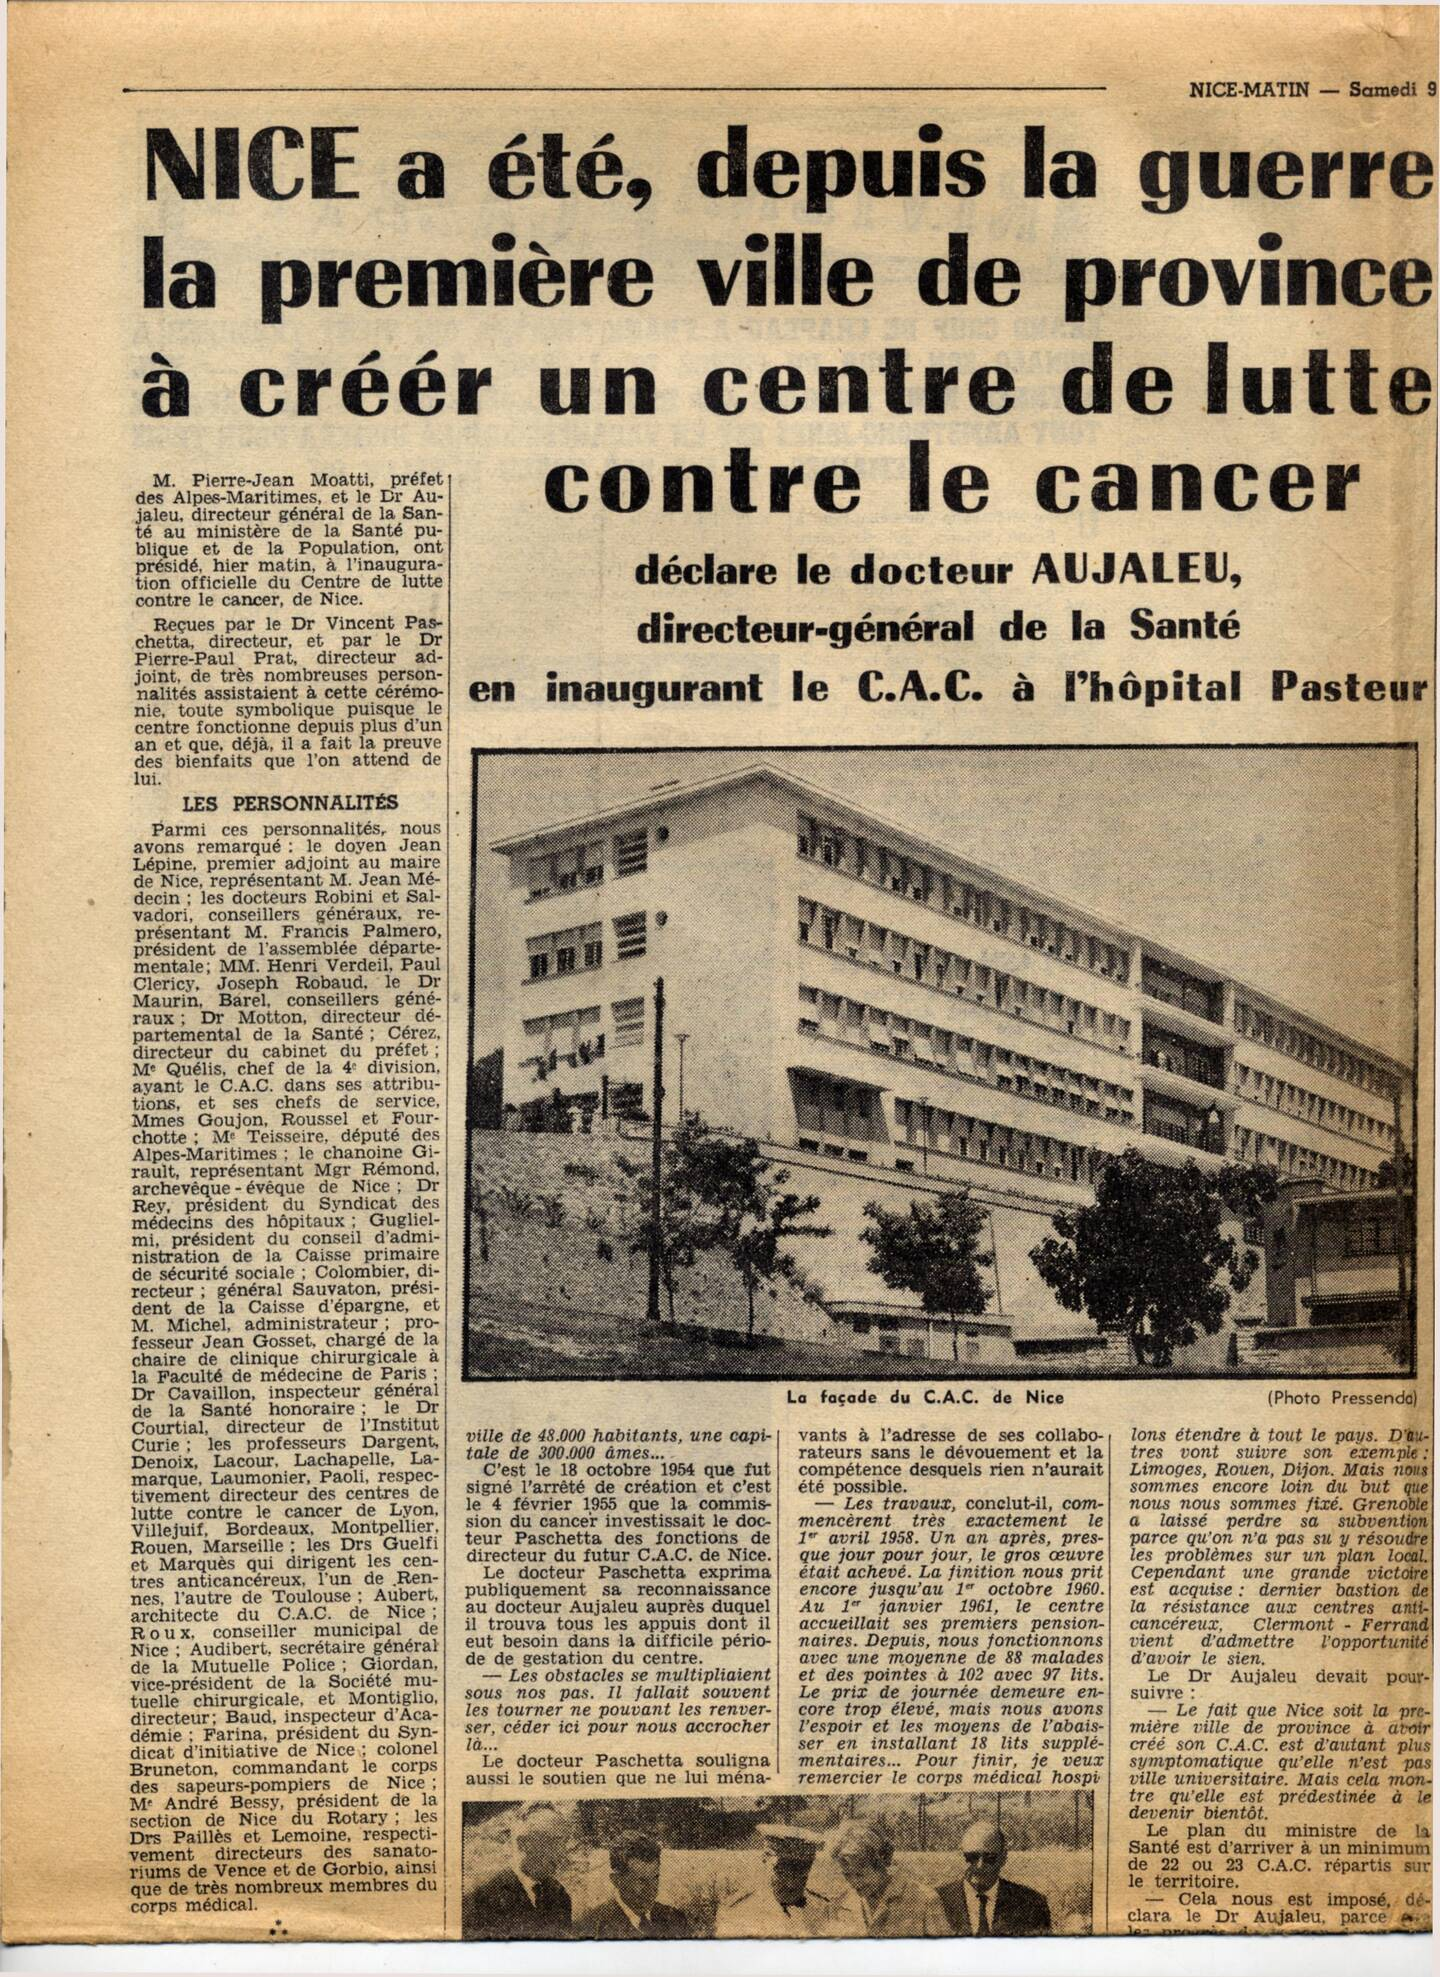 La Une de Nice-Matin au lendemain de l'inauguration du Centre de lutte contre le cancer en juin 1962.